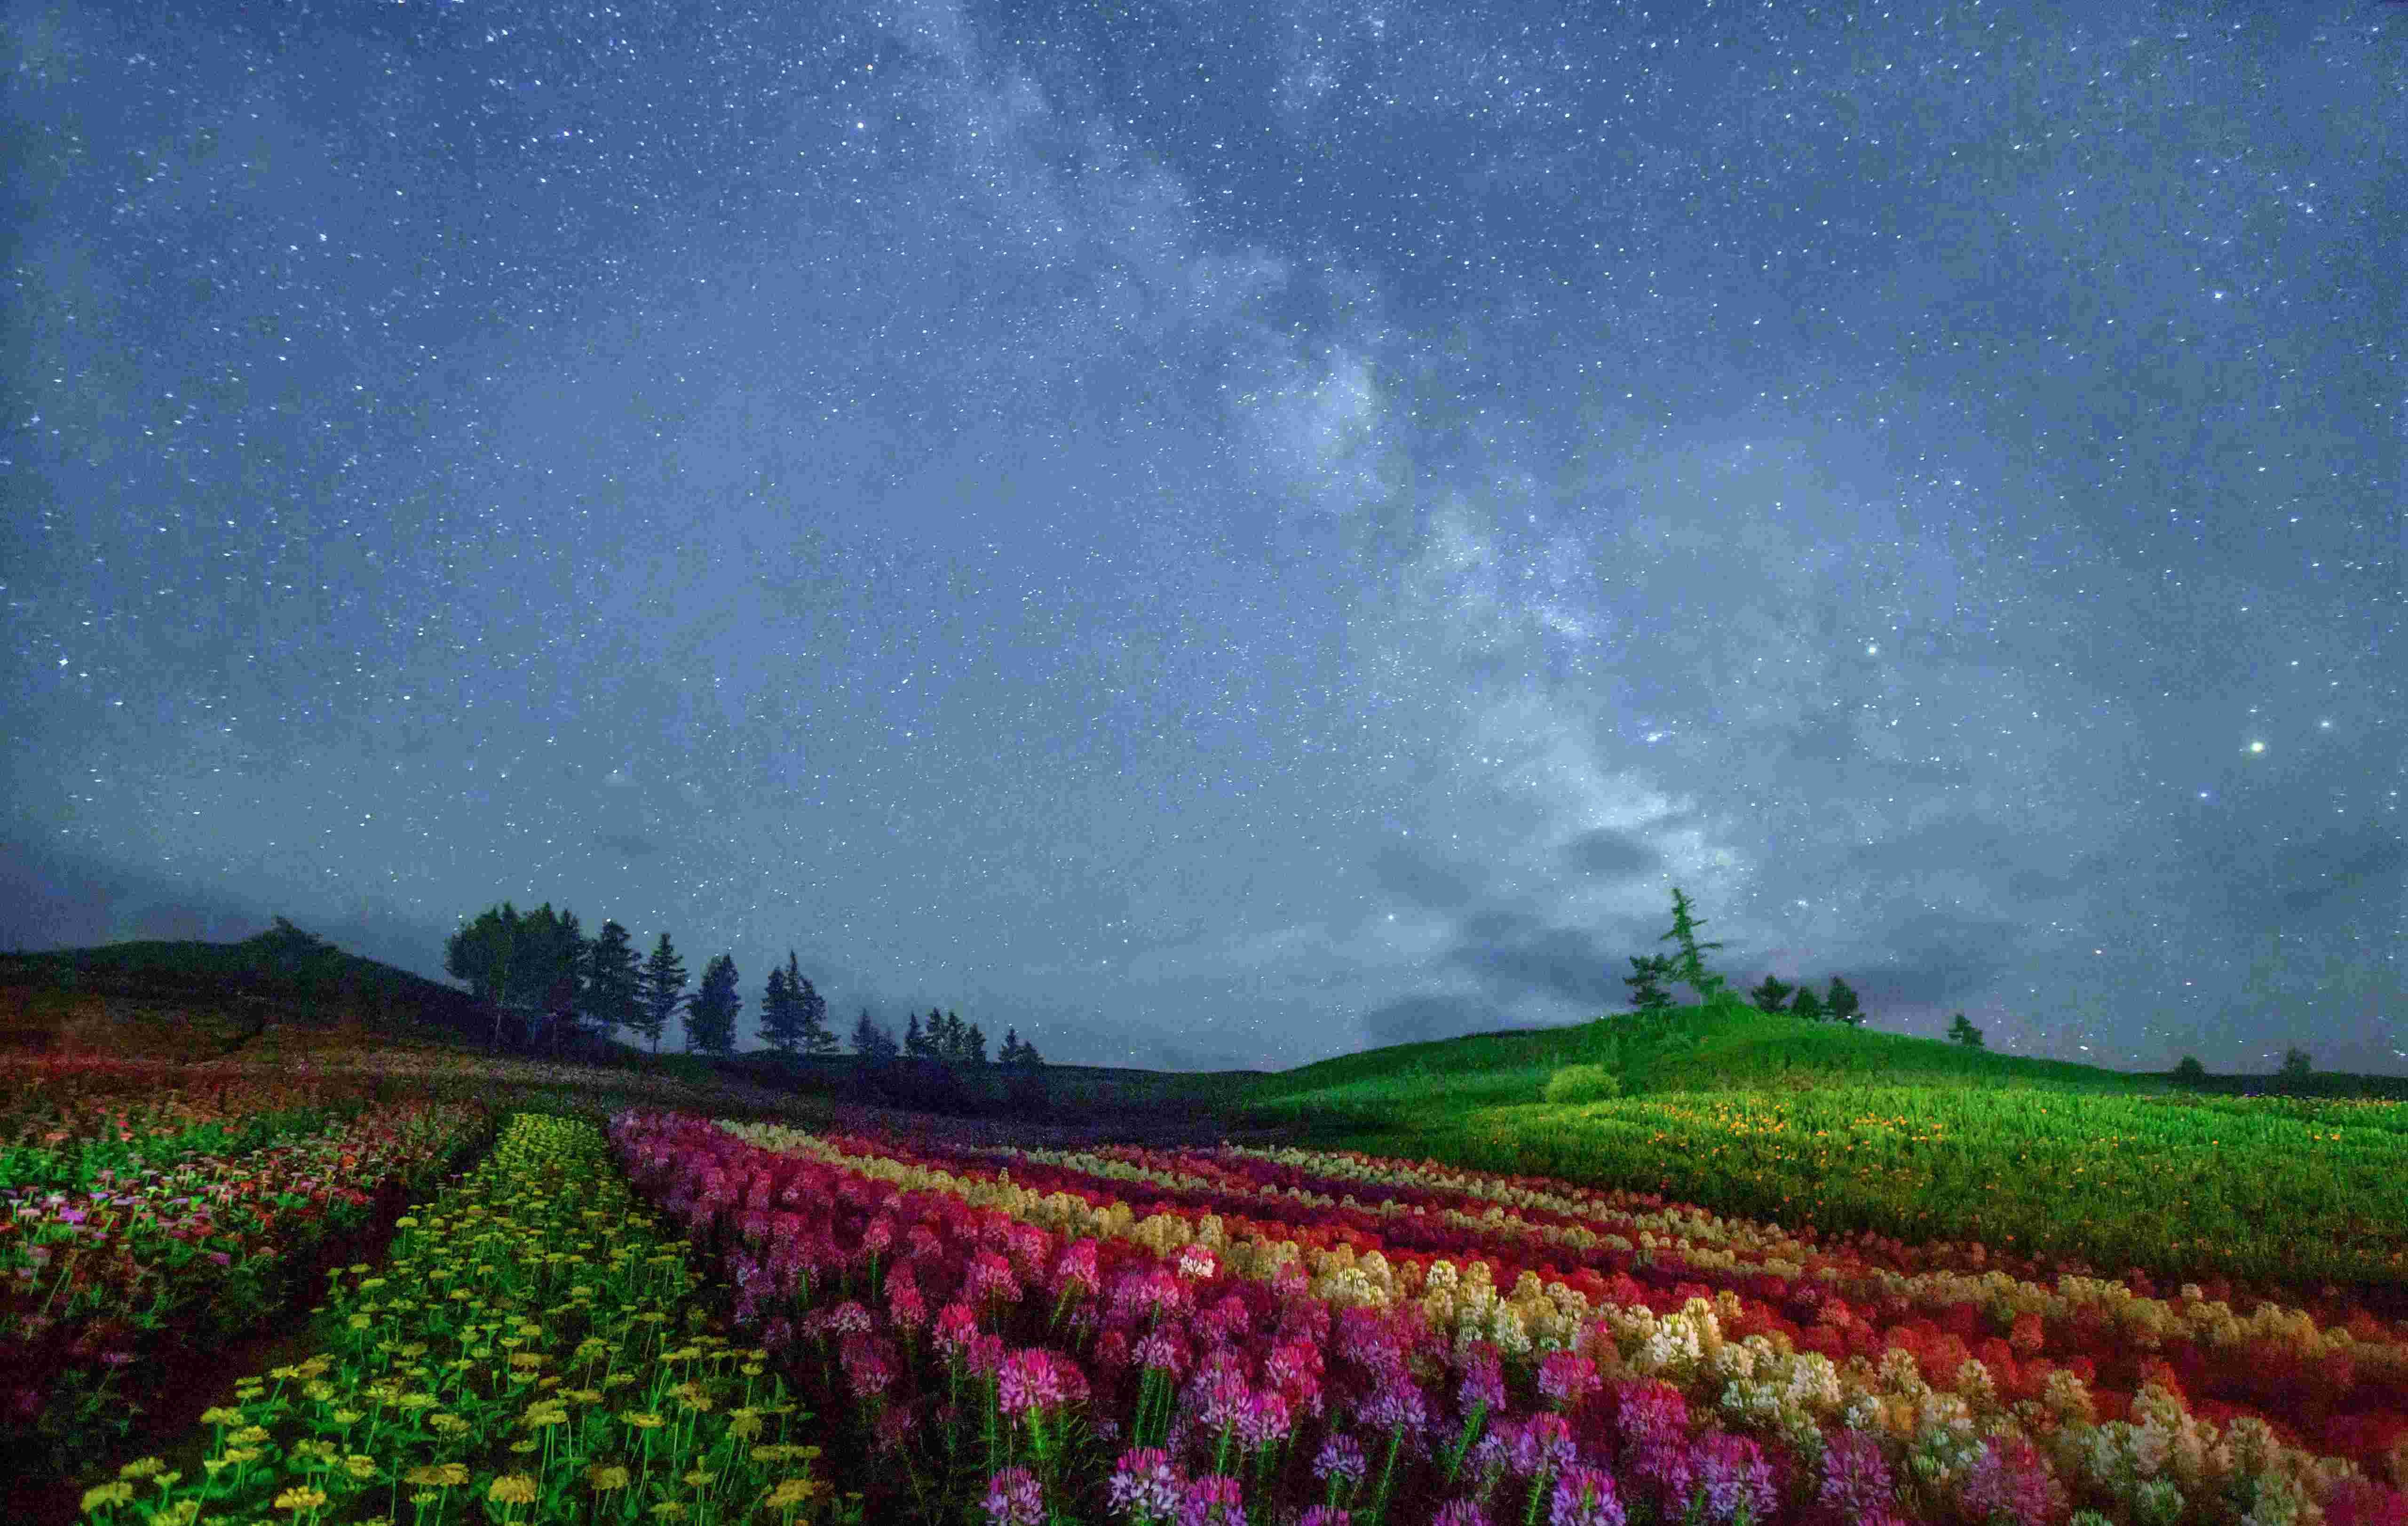 靳进 JIN JIN 吉林省摄影家协会会员 吉林省女摄影家协会会员 HPA/不少文人墨客都对北方的秋色有一种特别的喜爱。郁达夫曾经赞美北国的秋天,与南方的秋相比,很有秋的深味。其实,北方的四季各有各的味道,对摄影人而言,就是一种变换的艺术。 春观山花烂漫,夏游湖光山色,秋赏丹枫白桦,冬览雾凇奇观。一年四季,景色变化分明,各有特色,全都不重样。这个地方就是位于吉林省东南部的桦甸市,是长白山旅游文化带上的一颗明珠,凭借一江秀水,百里桦林,千顷湿地,万山红叶的丰富旅游资源为世人所熟知。   4-5月是拍摄